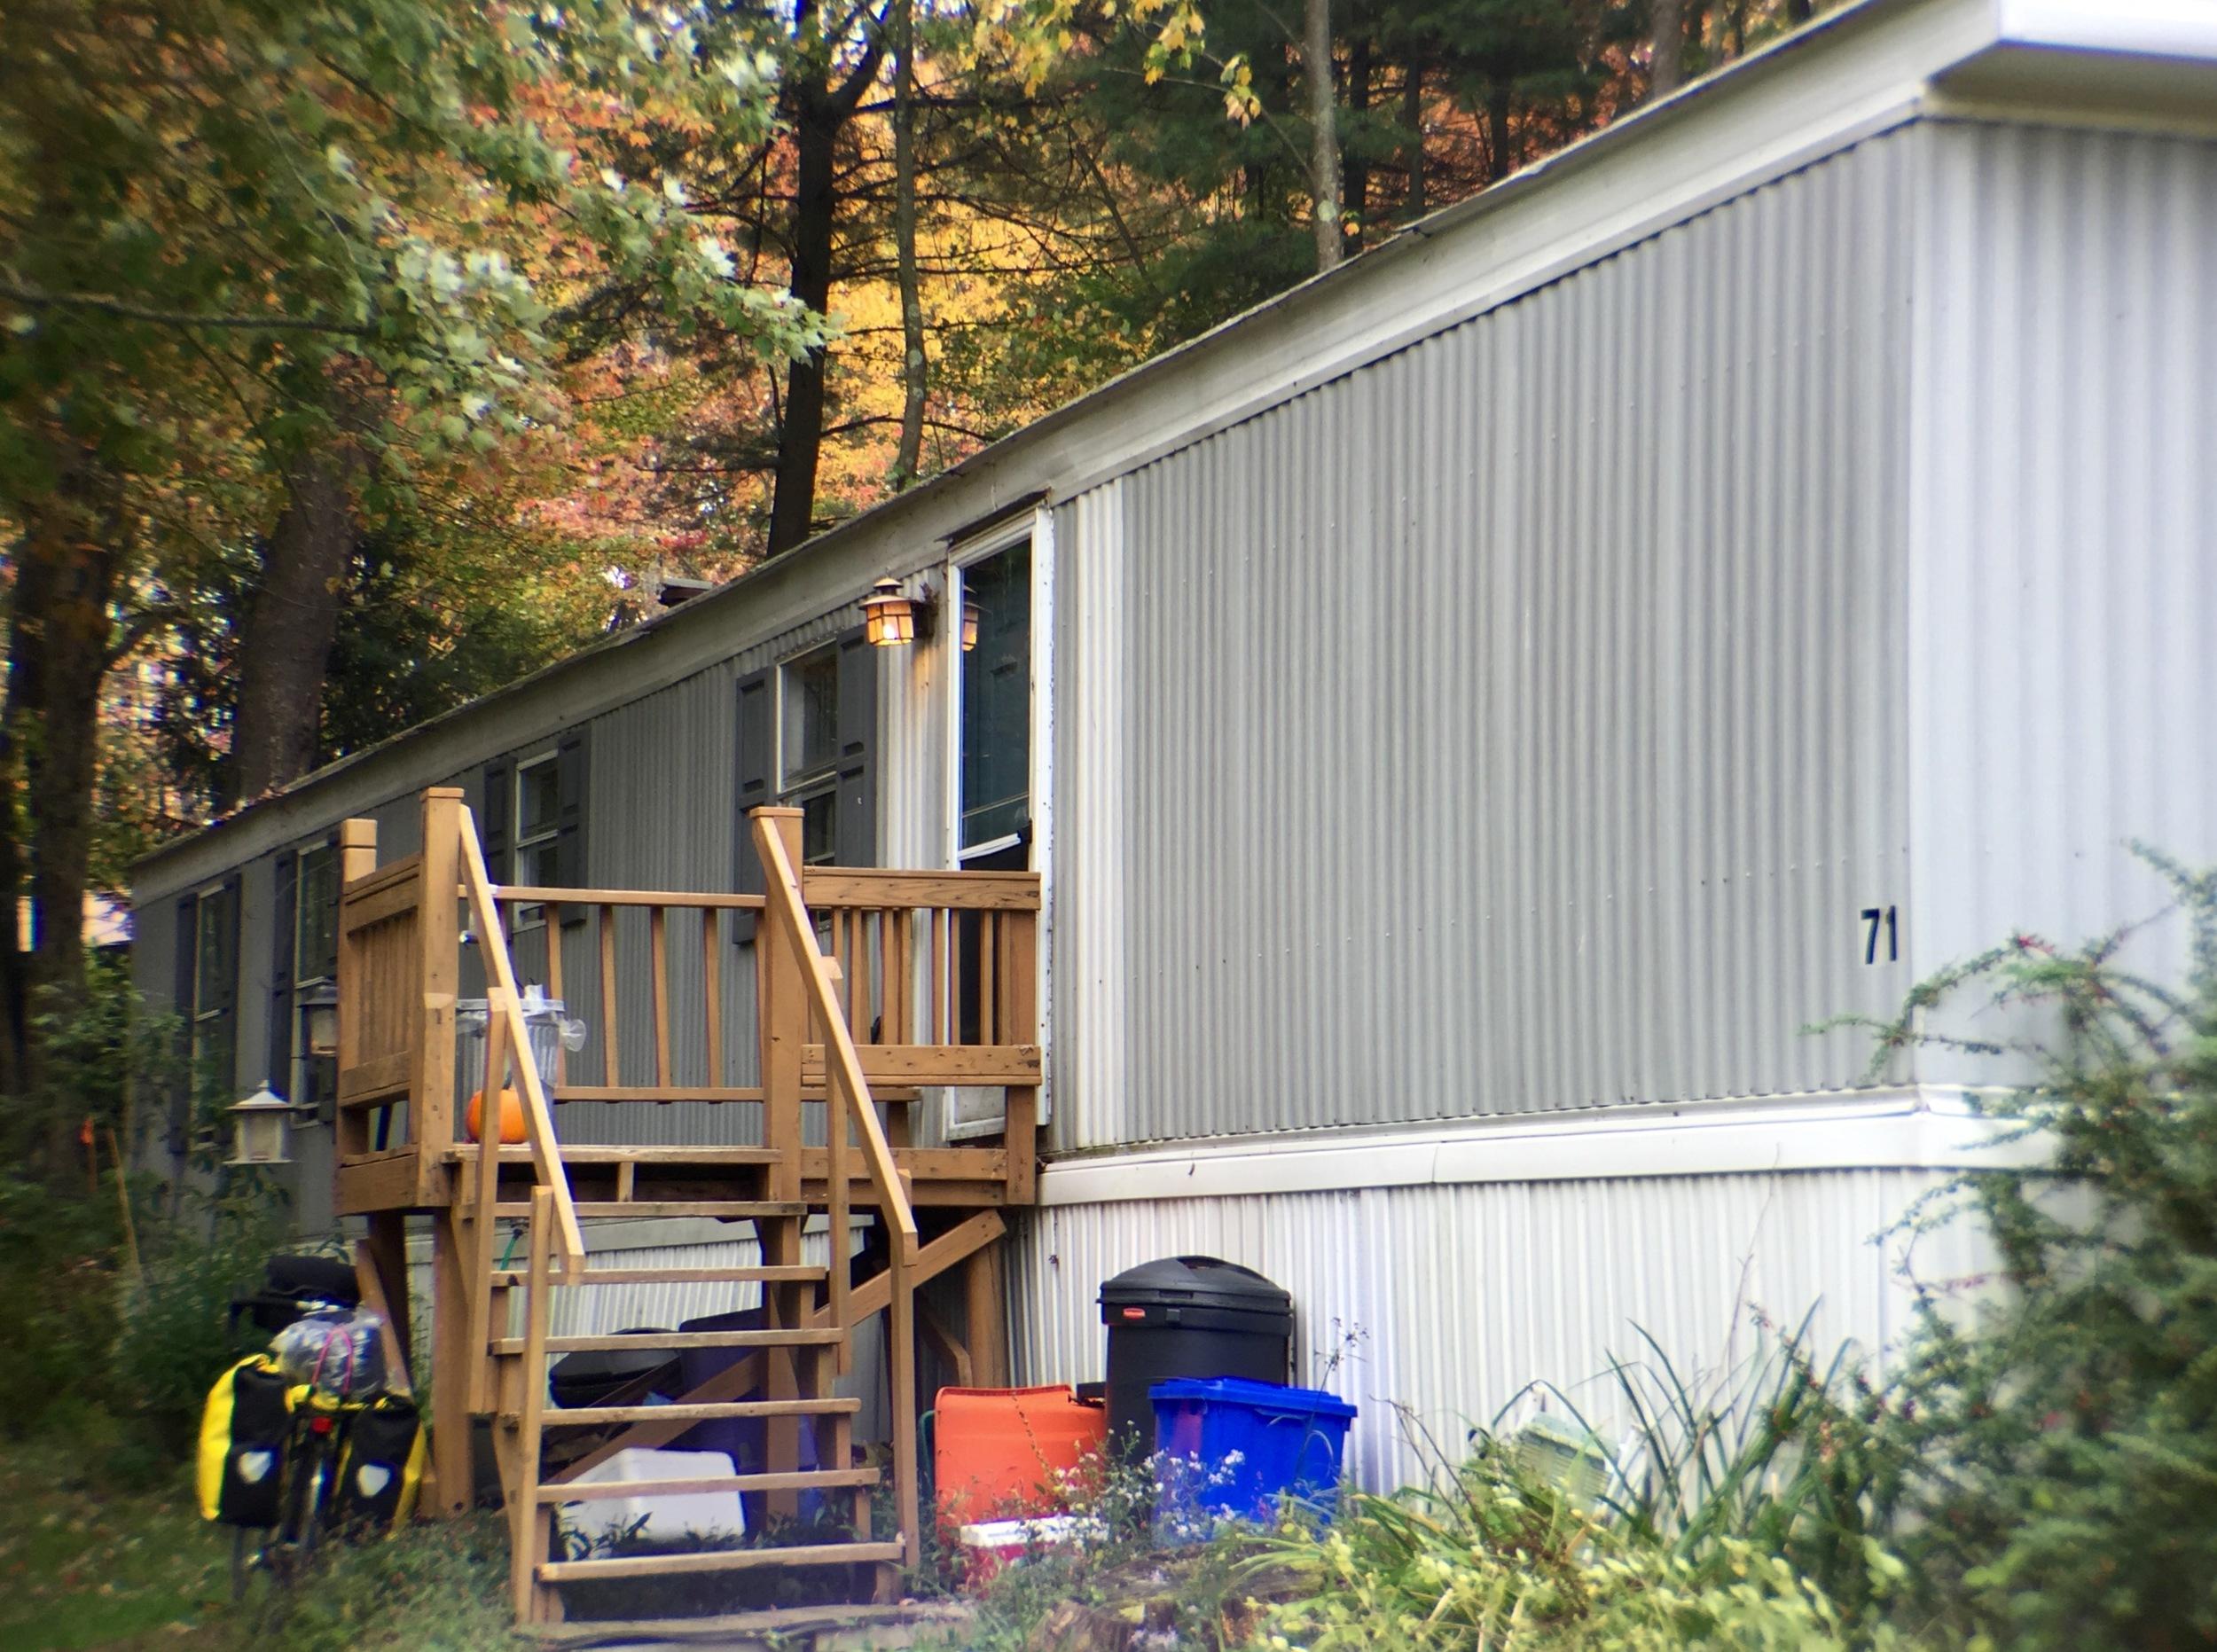 Vera Scroggin's home in Brackney, PA.